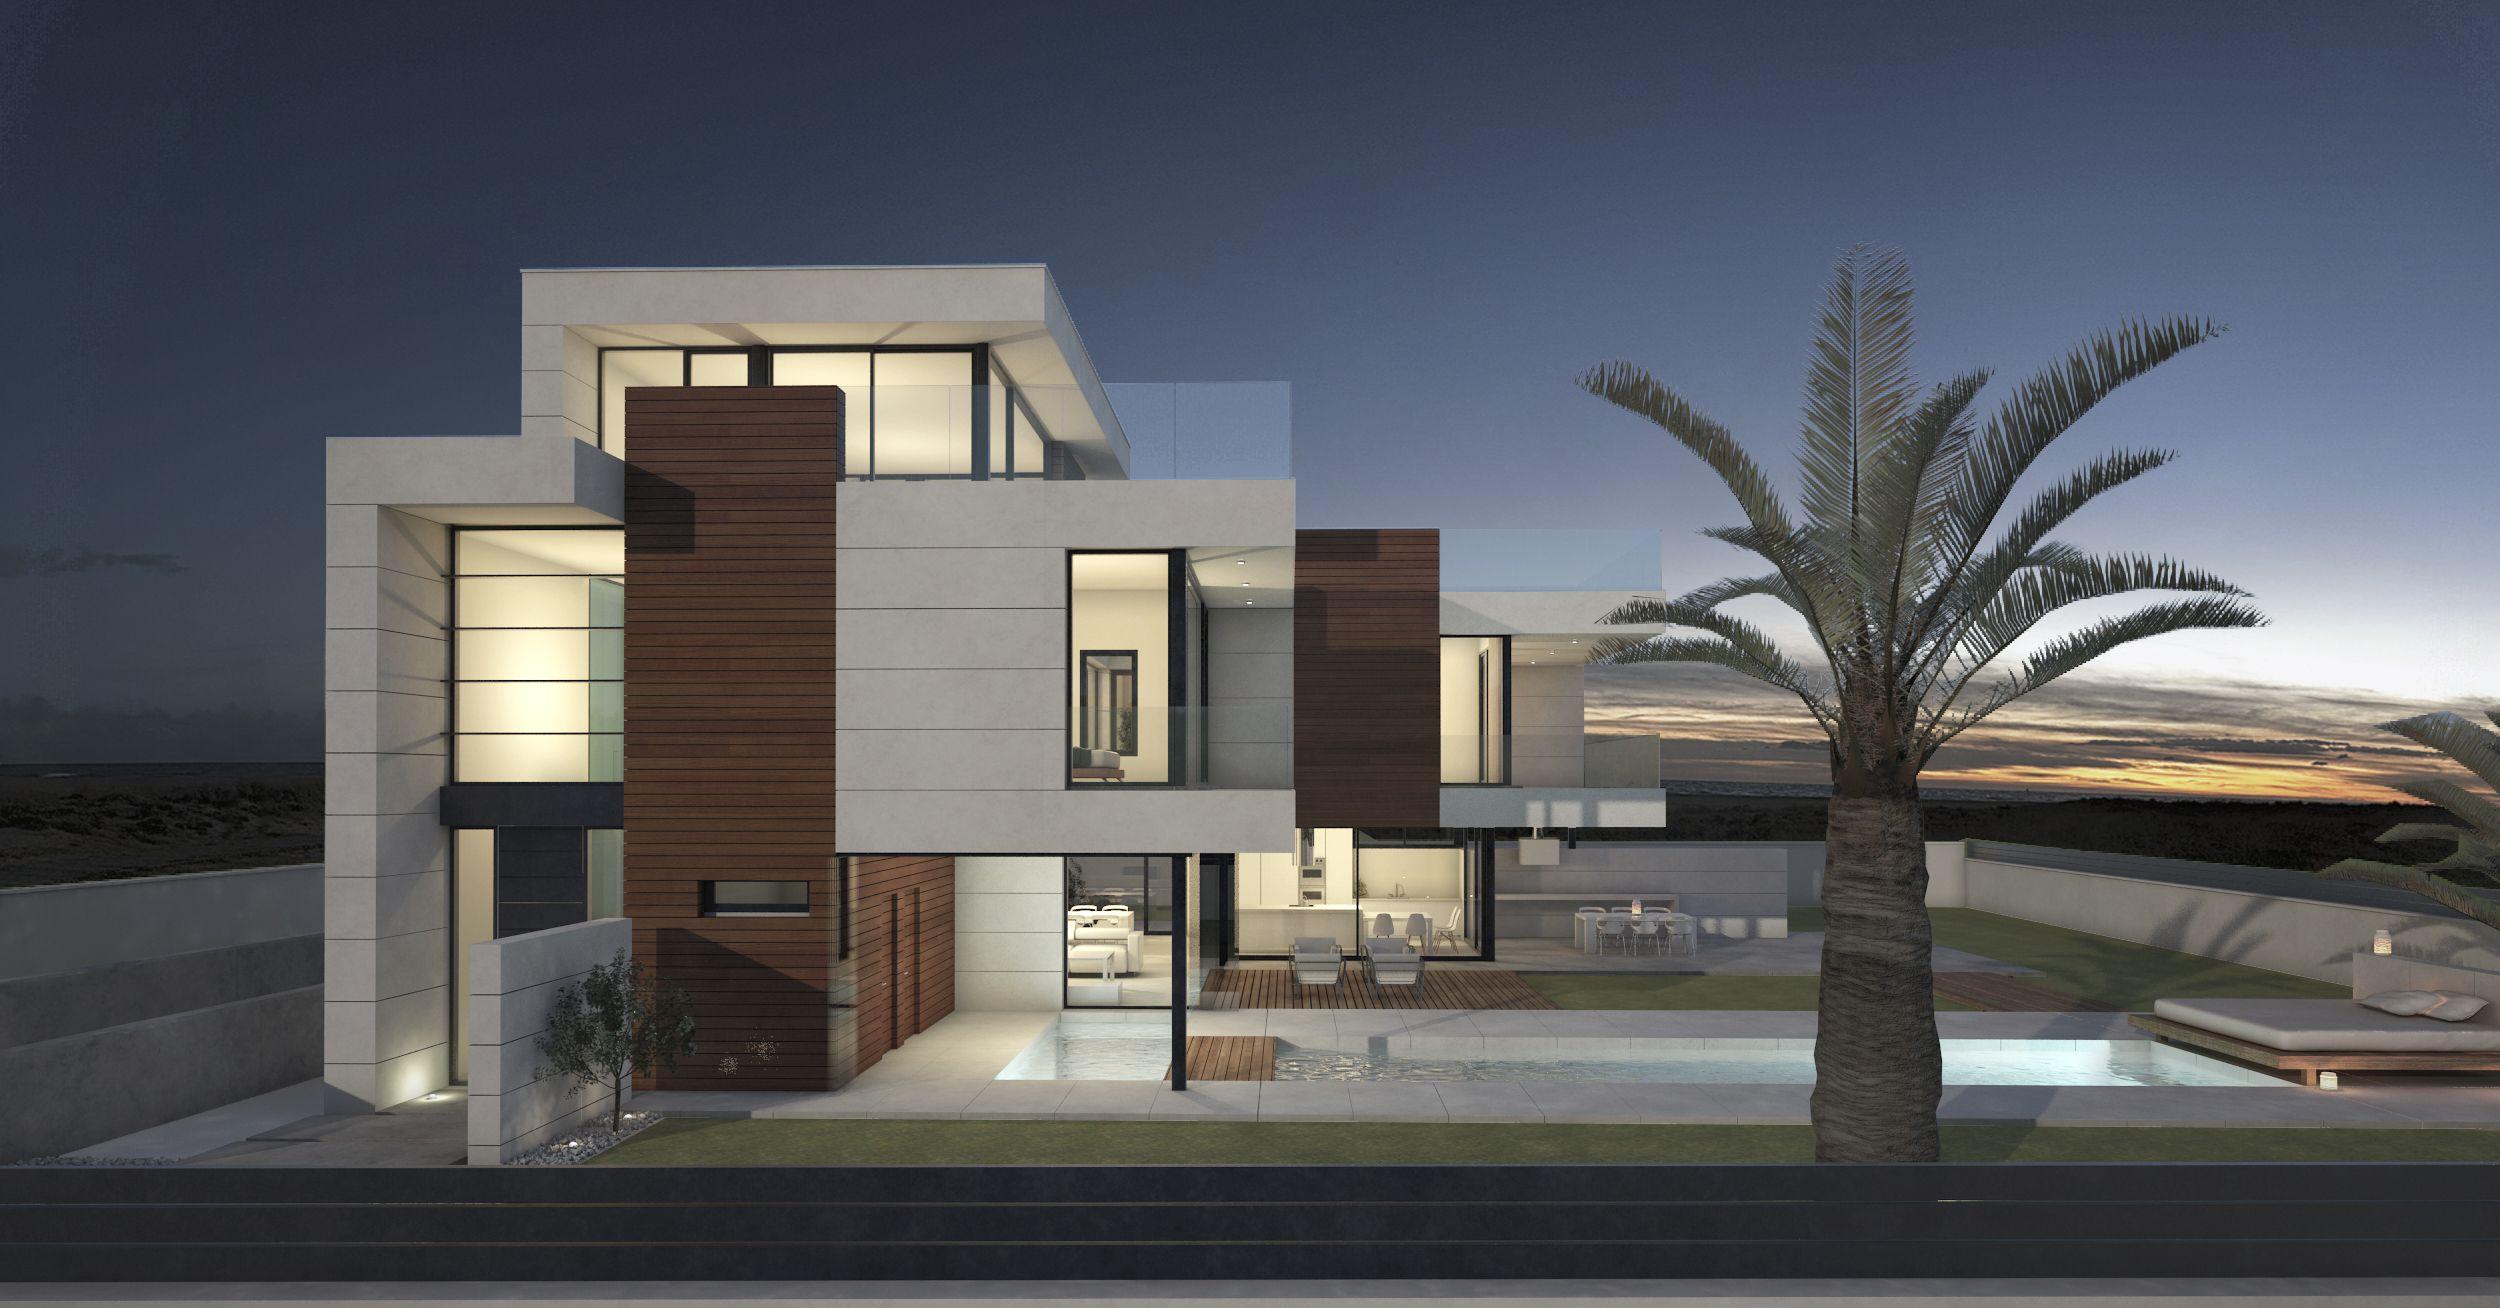 Render de propuesta de fachada en vivienda unifamiliar for Diseno casas unifamiliares